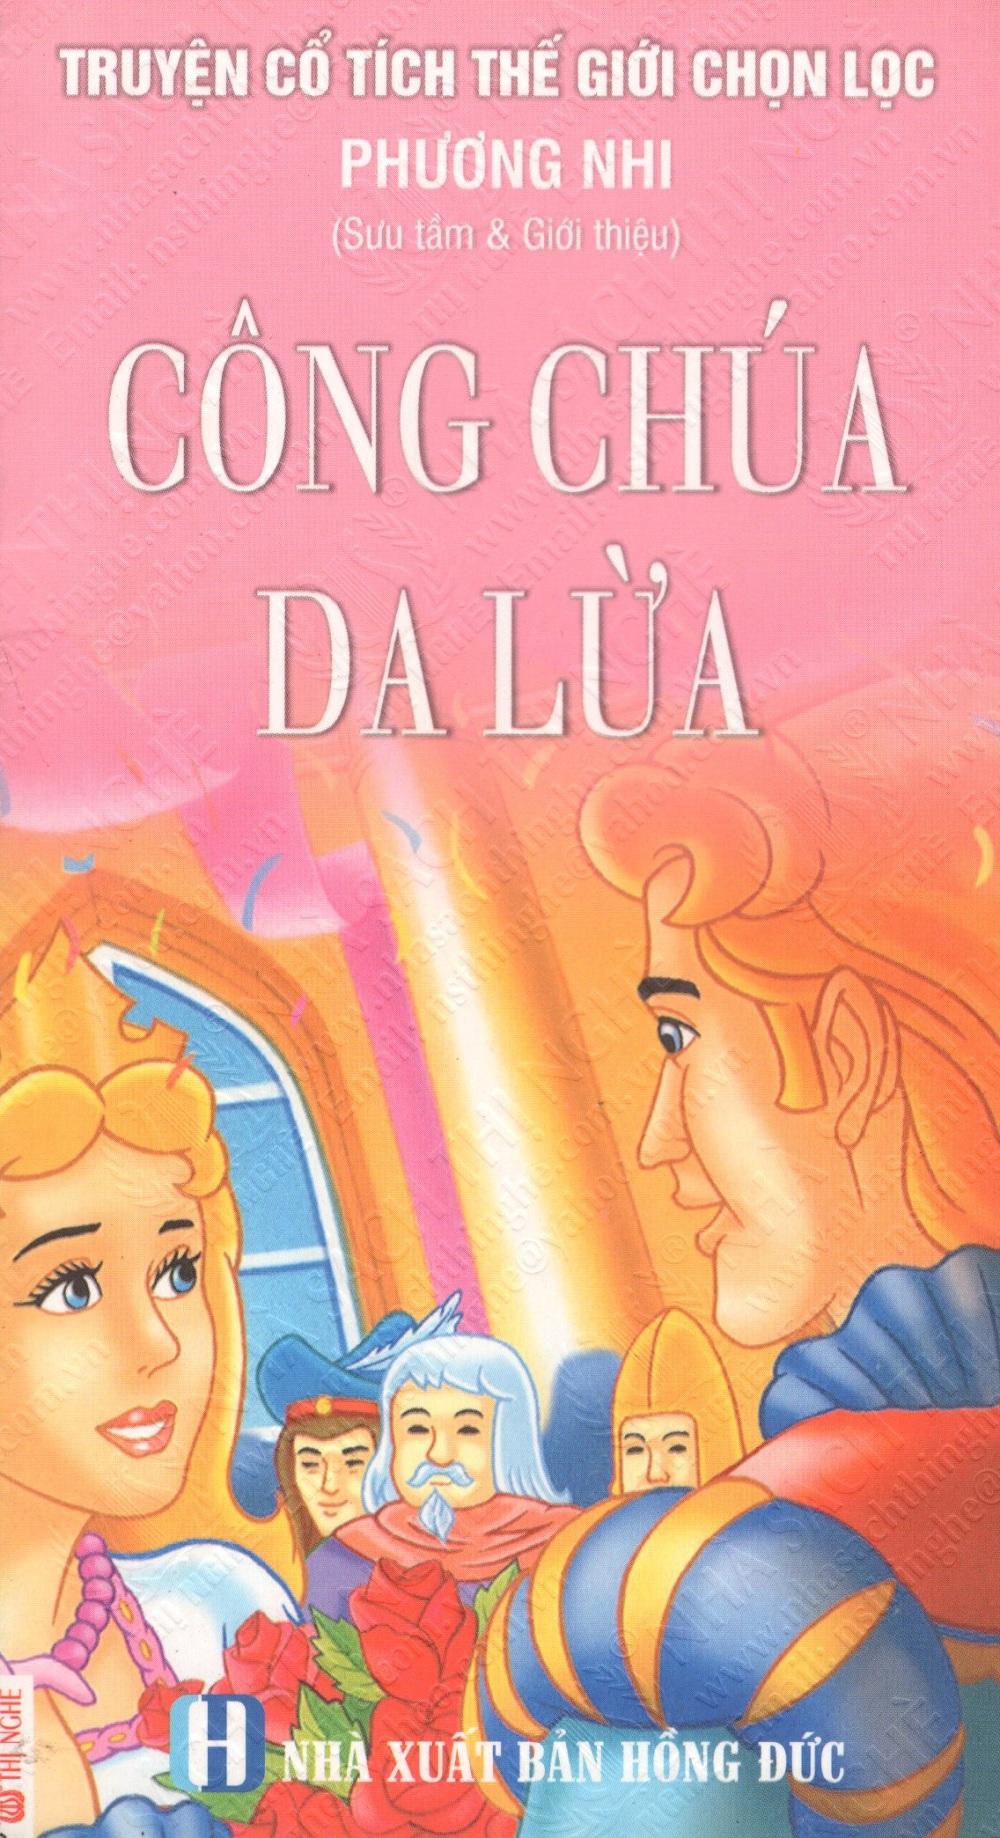 Bìa sách Truyện Cổ Tích Thế Giới Chọn Lọc: Công Chúa Da Lừa